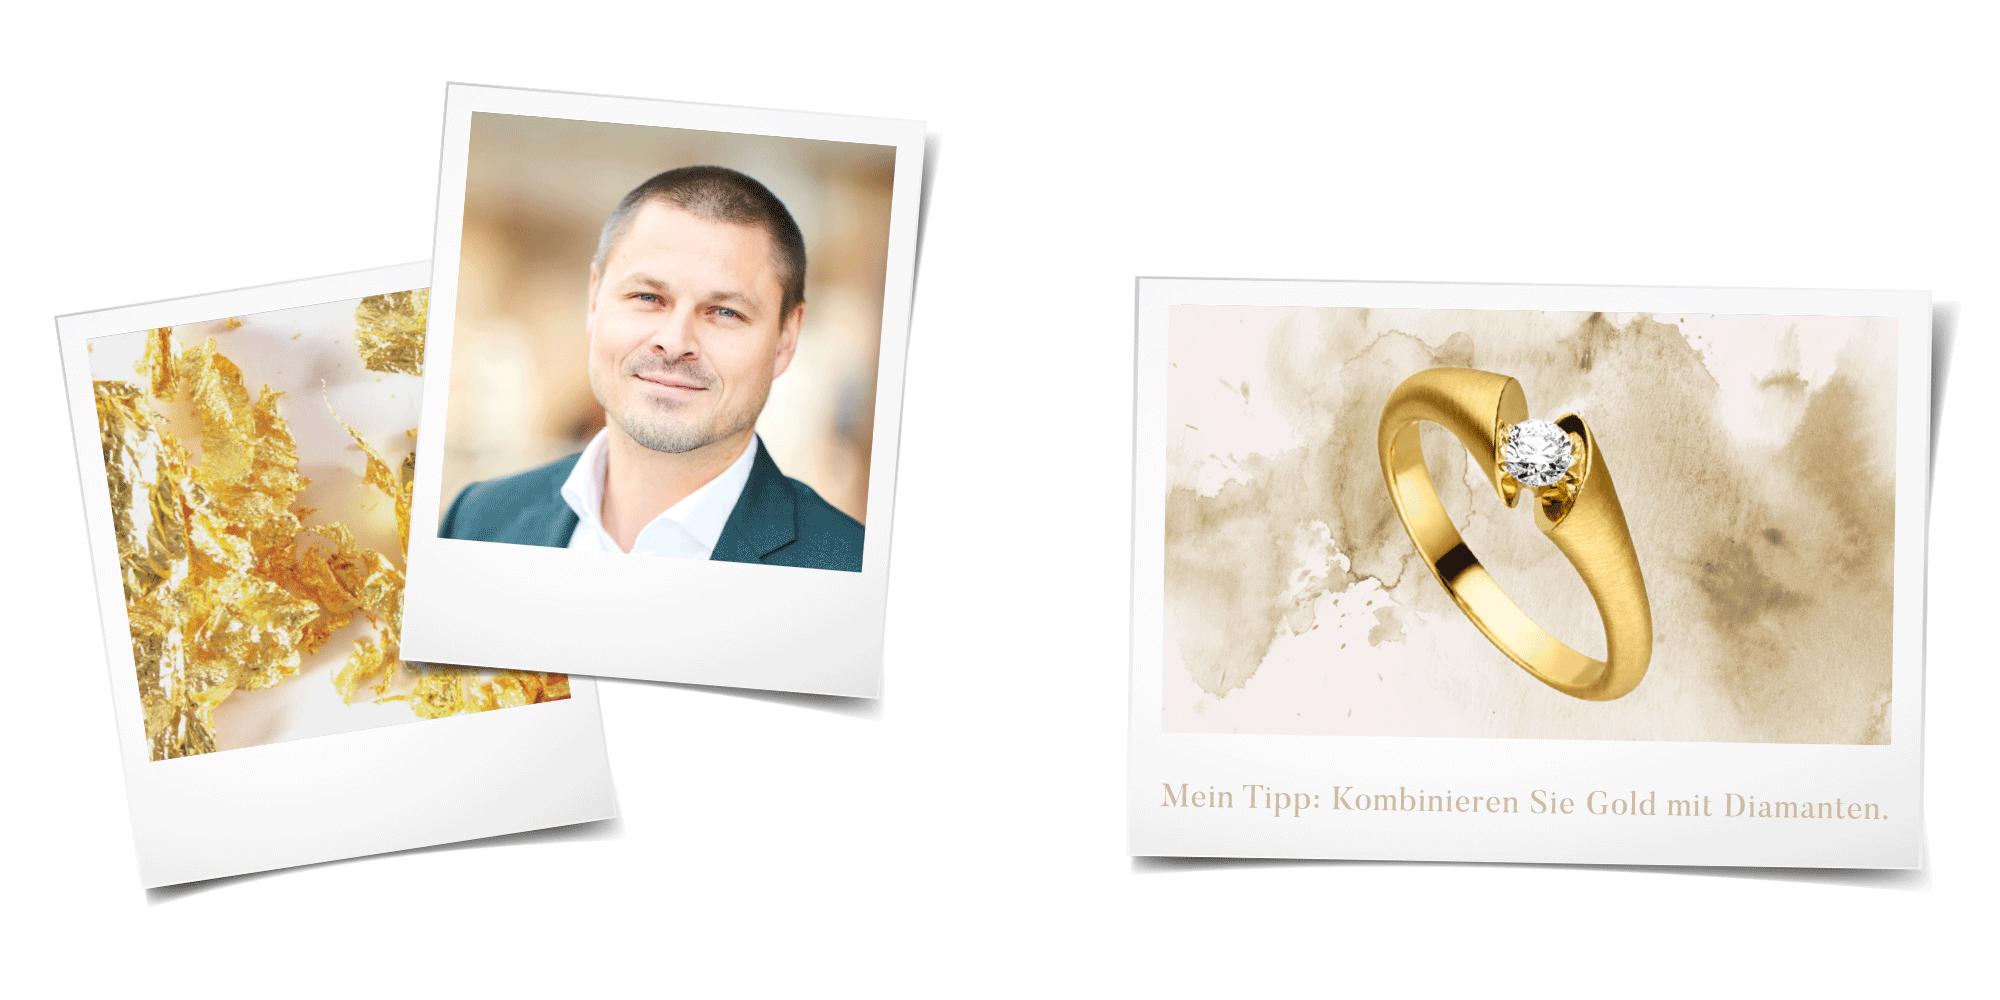 Thema-des-Monats-Juli-bei-Juwelier-Fridrich-Muenchen_2000x1000